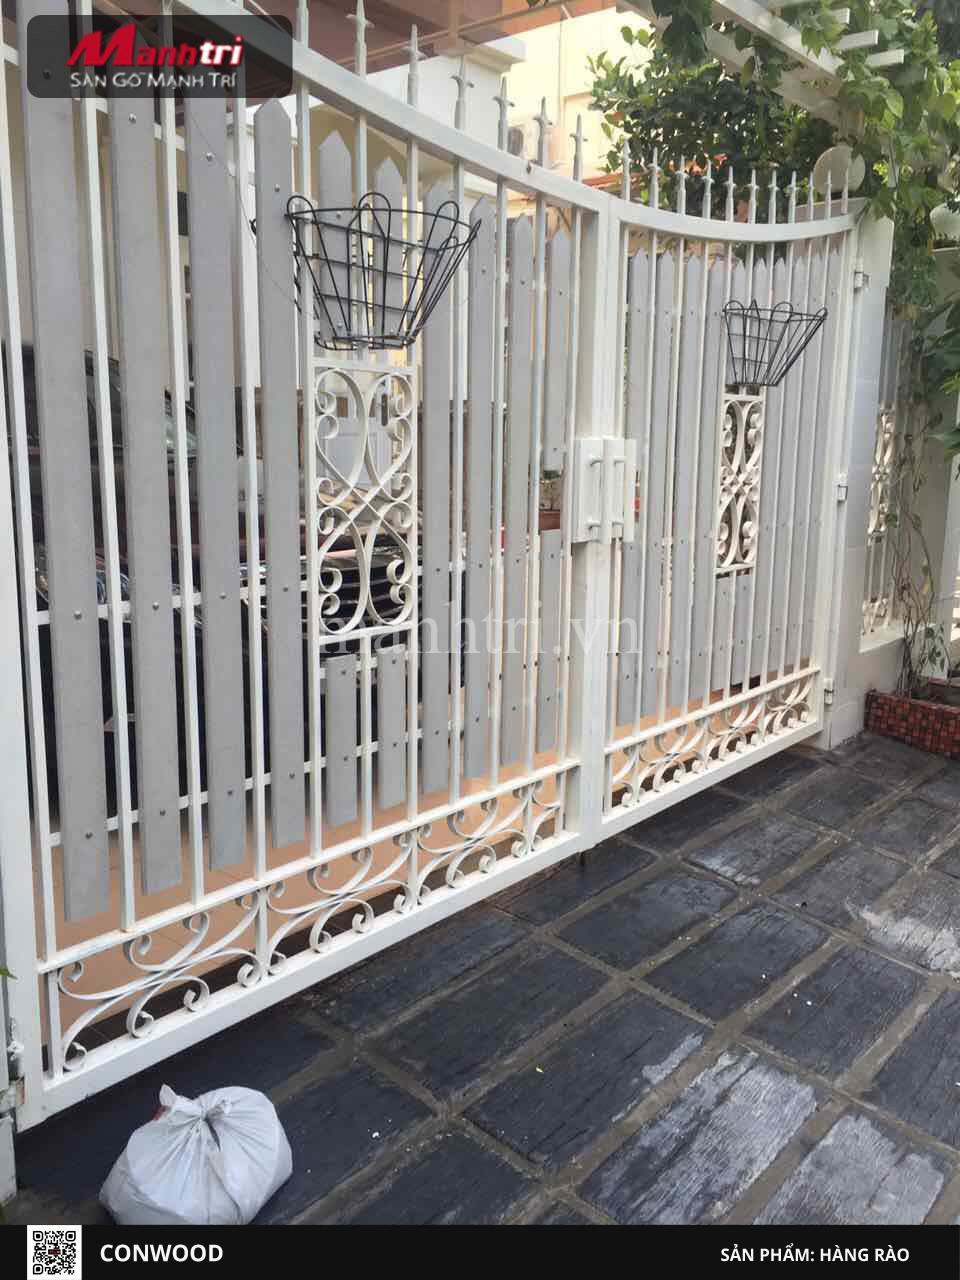 Hàng rào Conwood độc đáo tại nhà anh Bảo – Phú Mỹ Hưng Quận 7